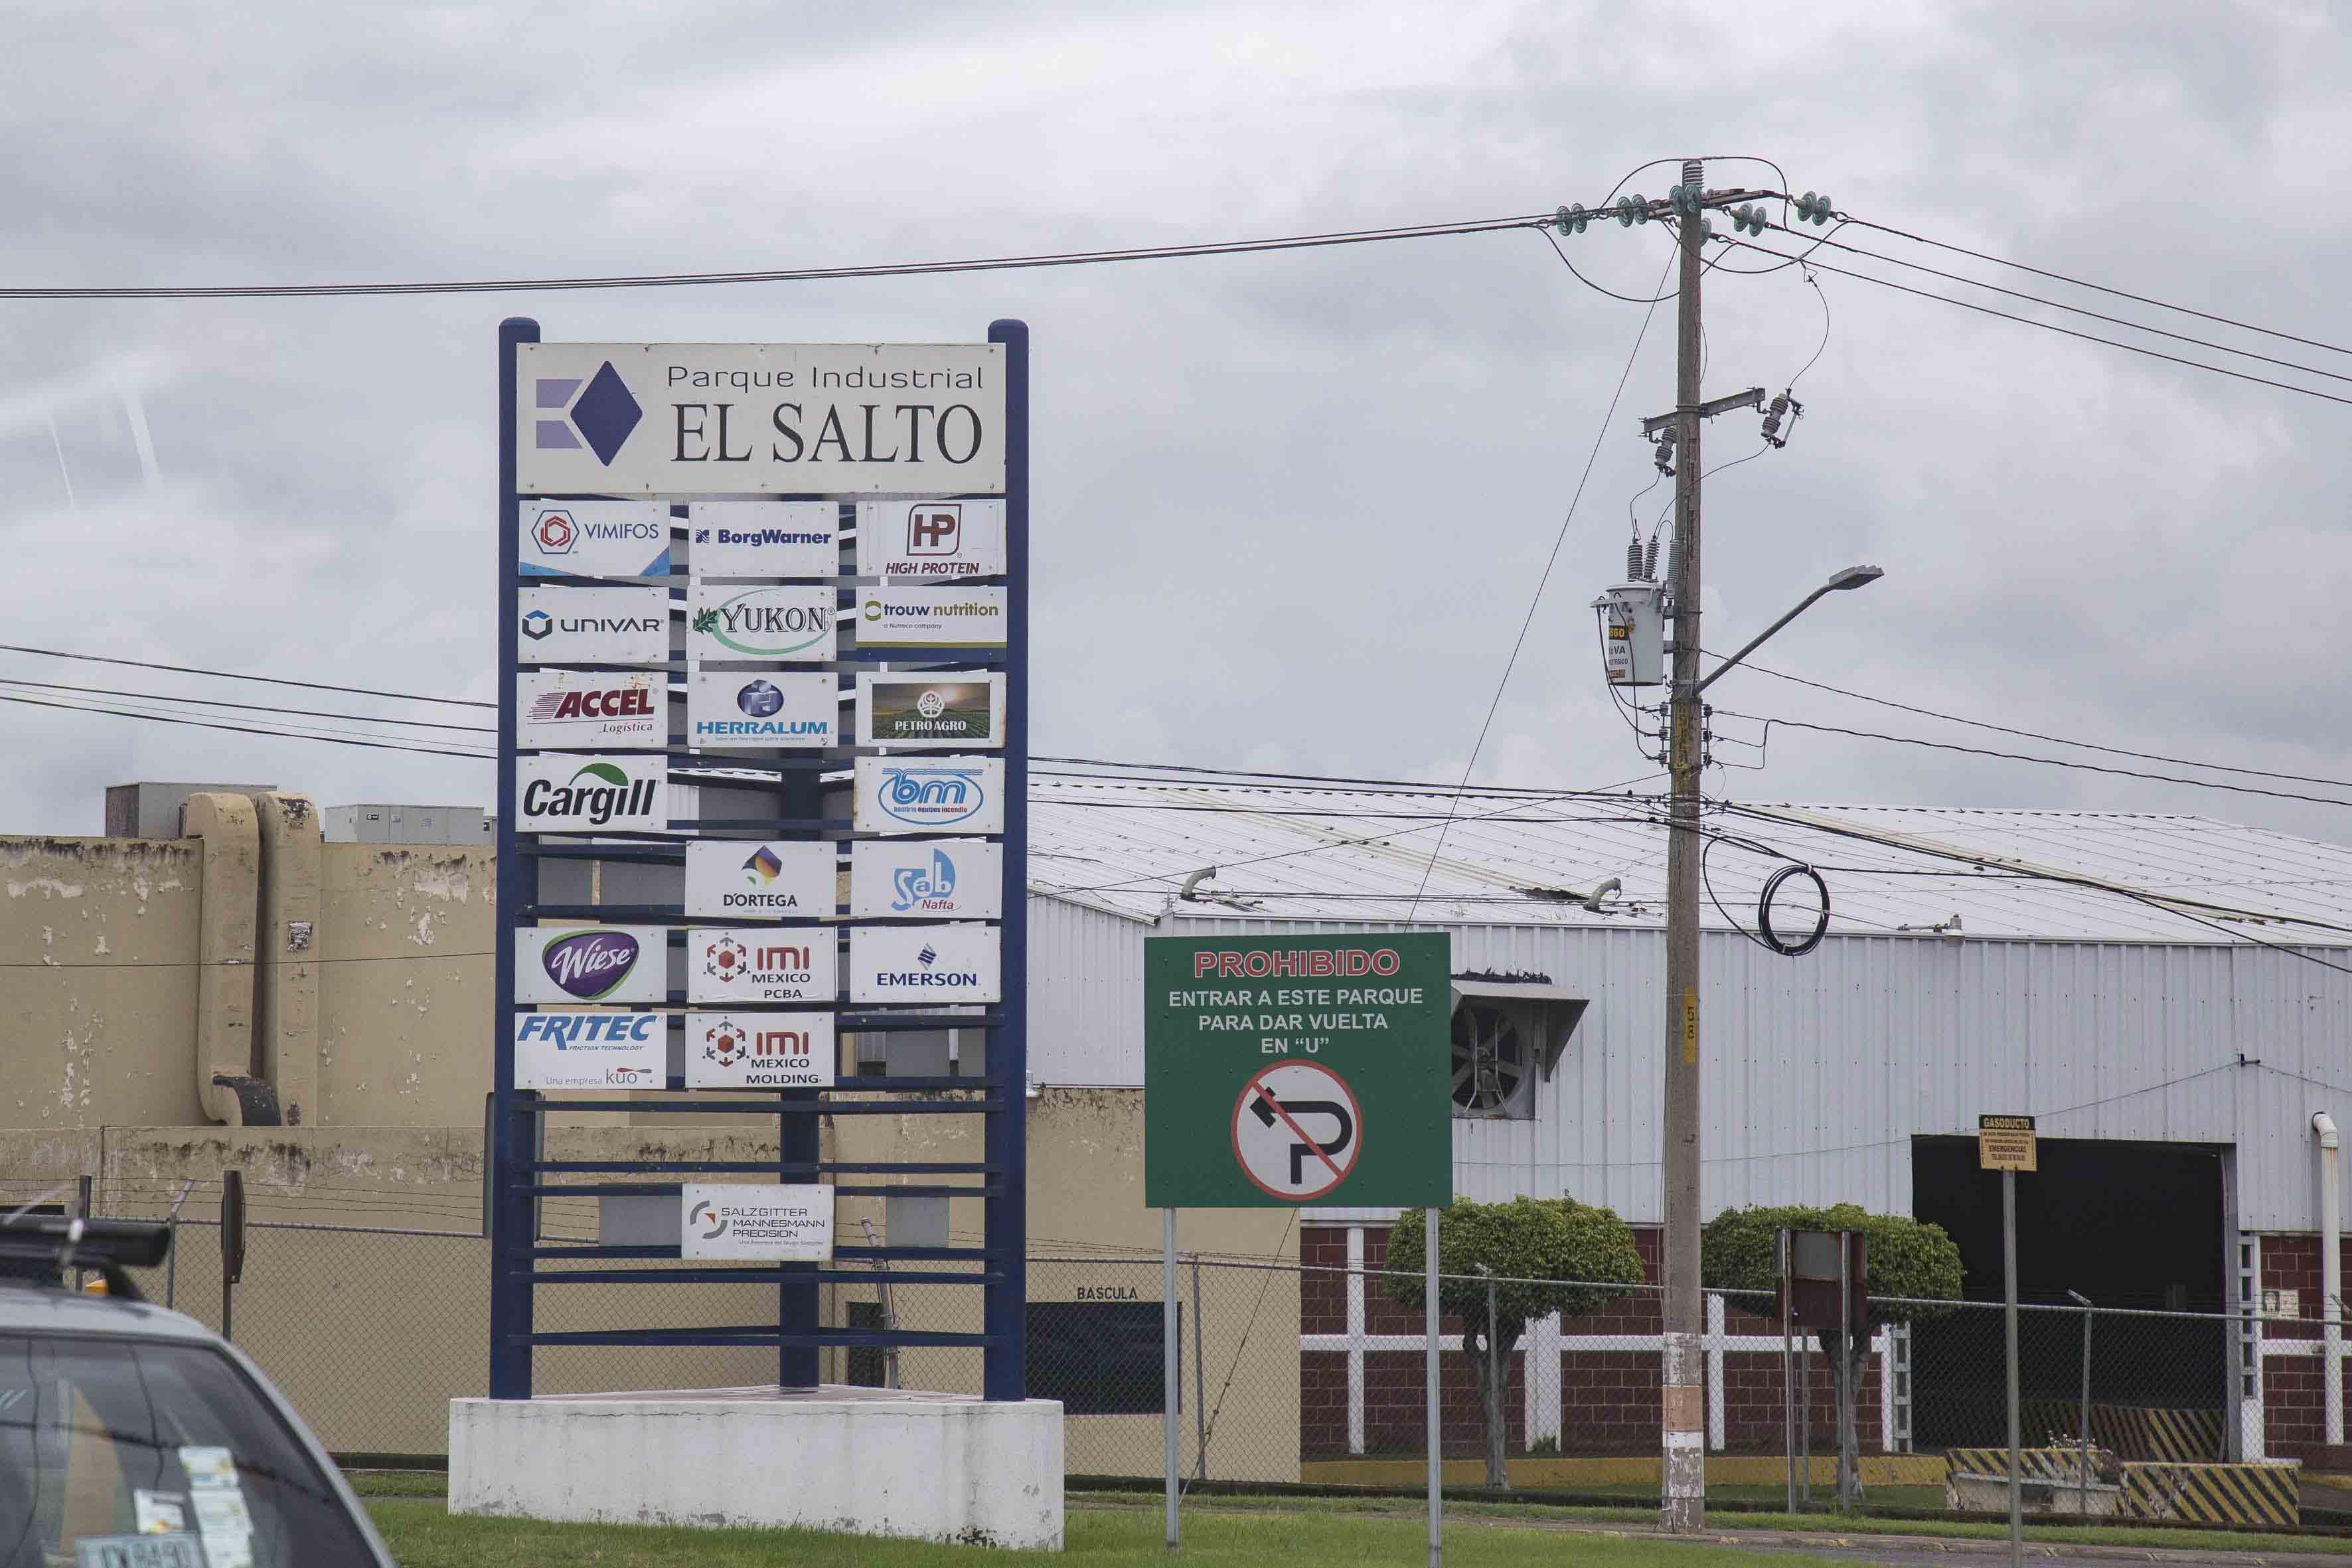 Acceso del parque industrial El Salto.